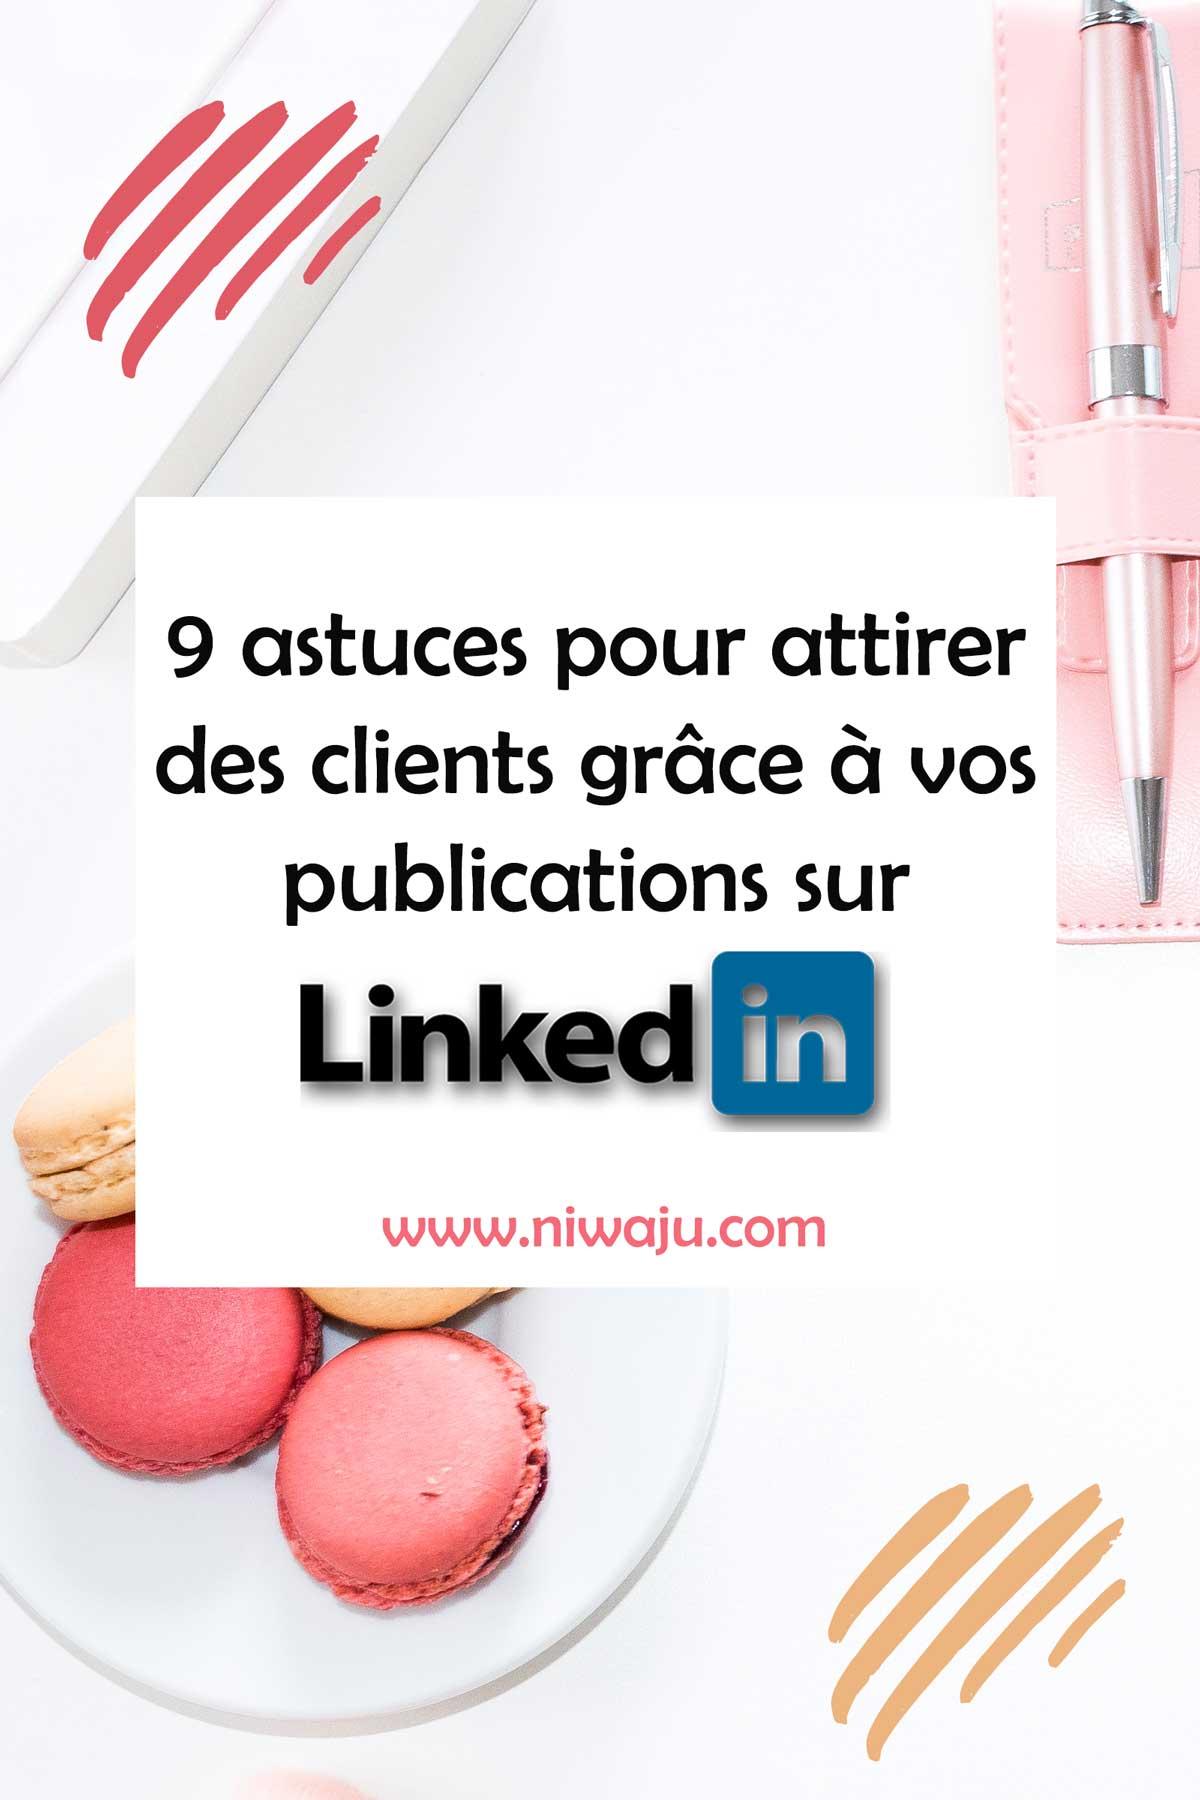 LinkedIn : 9 astuces pour attirer des clients grâce à vos publications